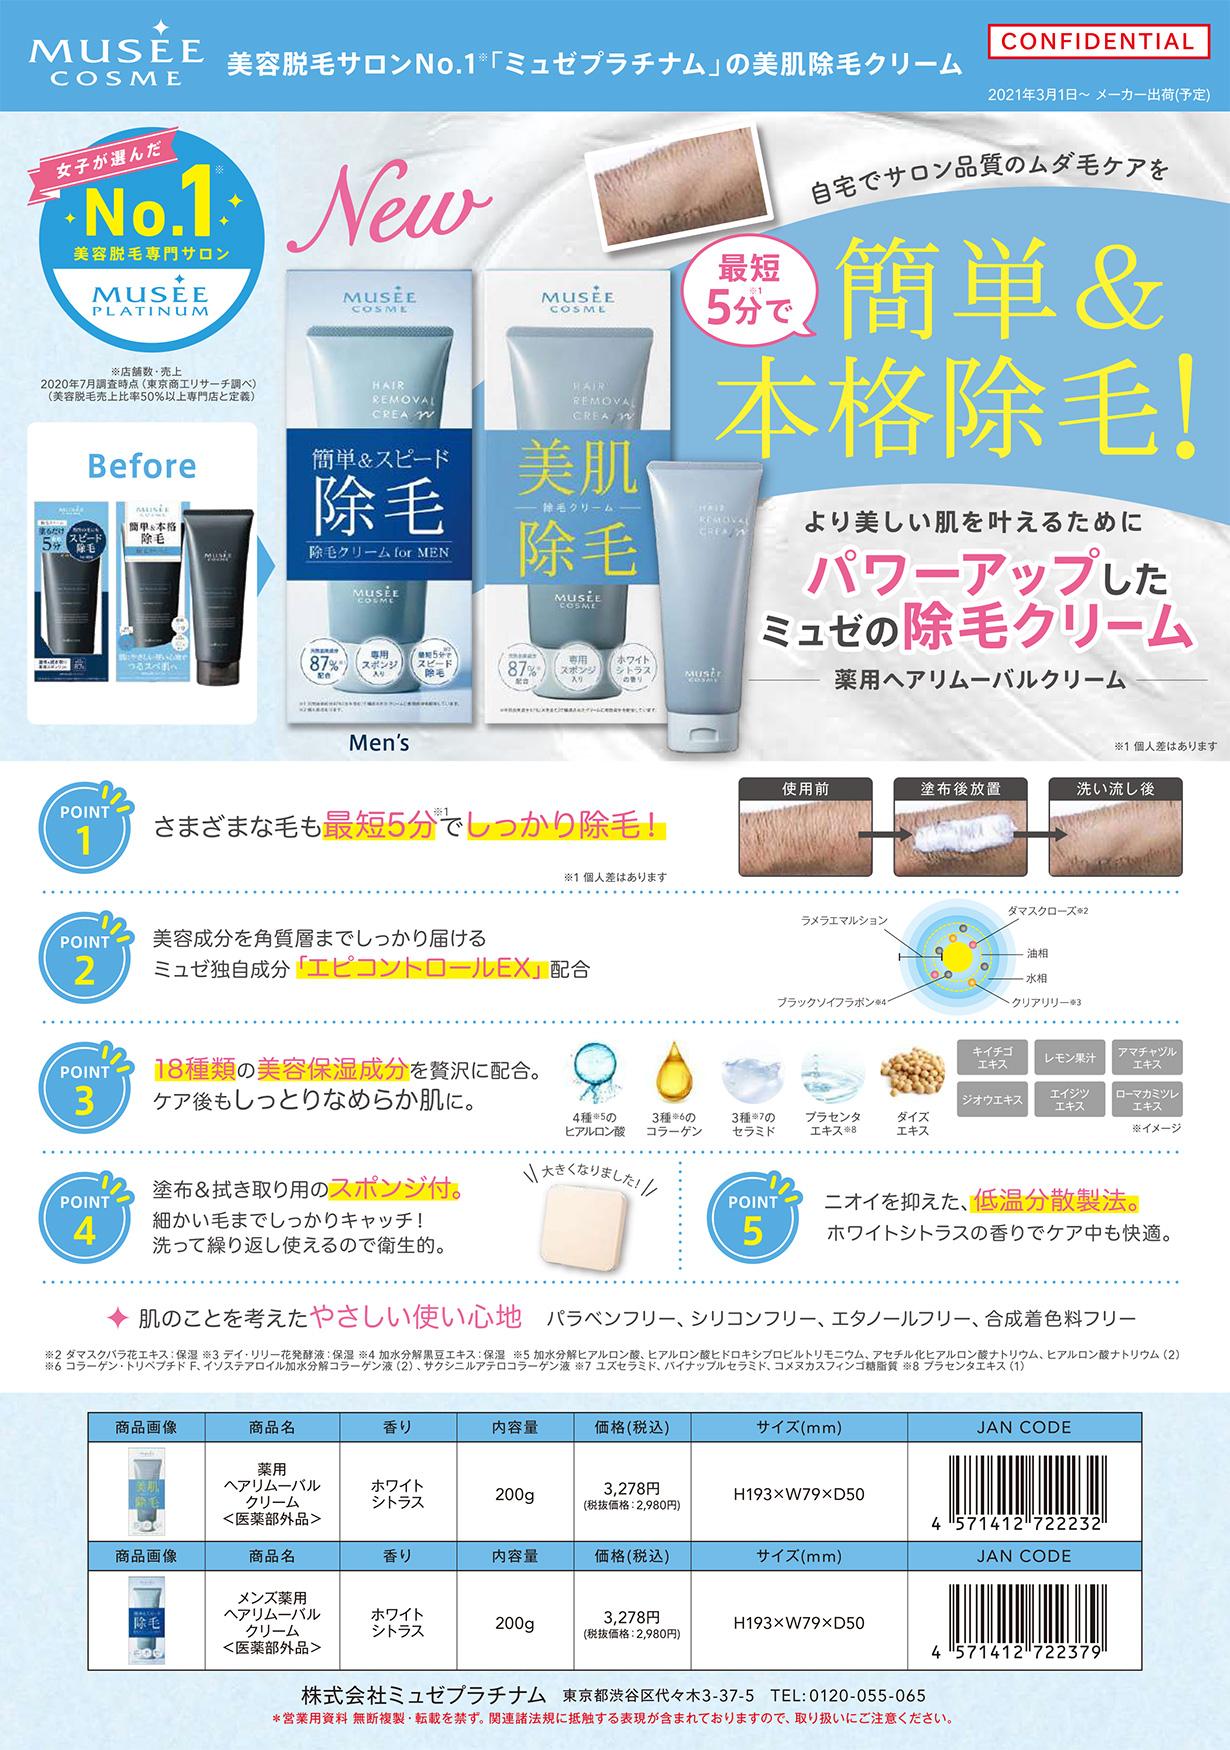 【規定書】ミュゼコスメ 薬用ヘアリムーバルクリーム(表面)